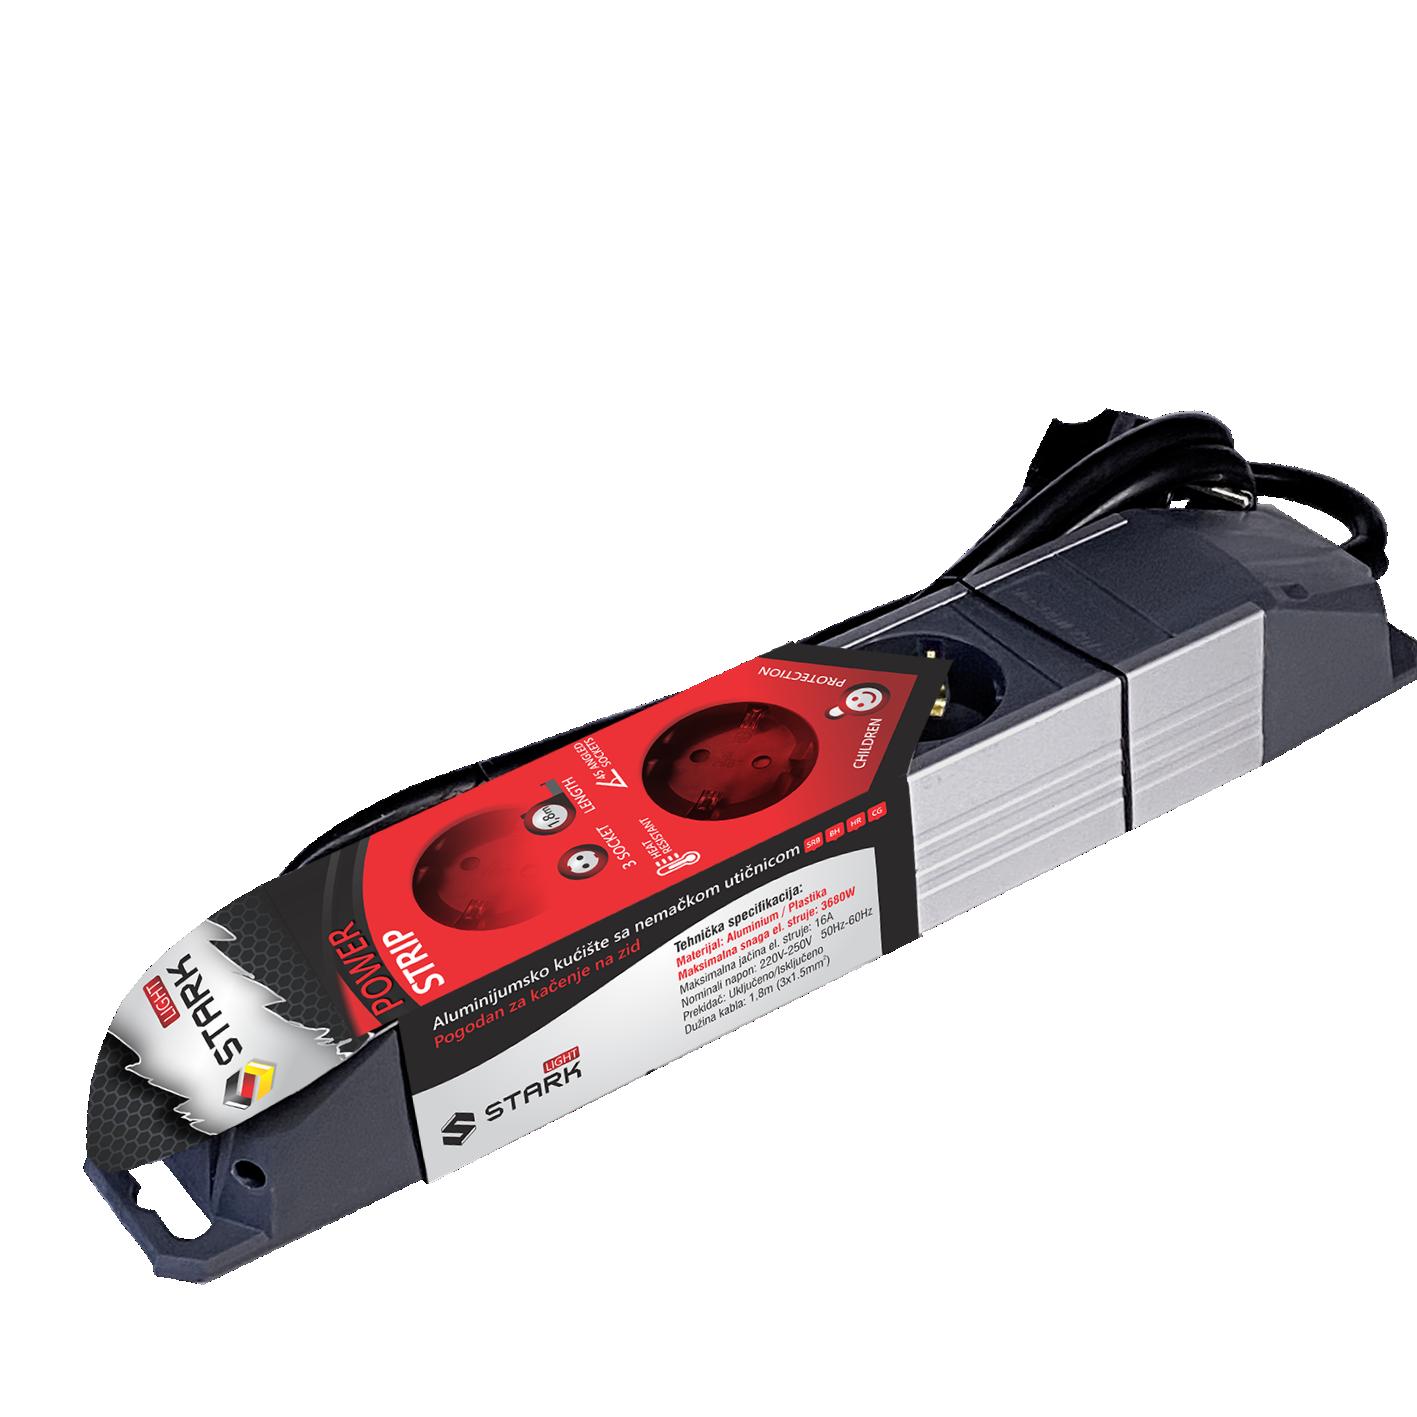 STARK Light Produžni kabl ALU 1.8m, 3 utičnice (Slika 2)